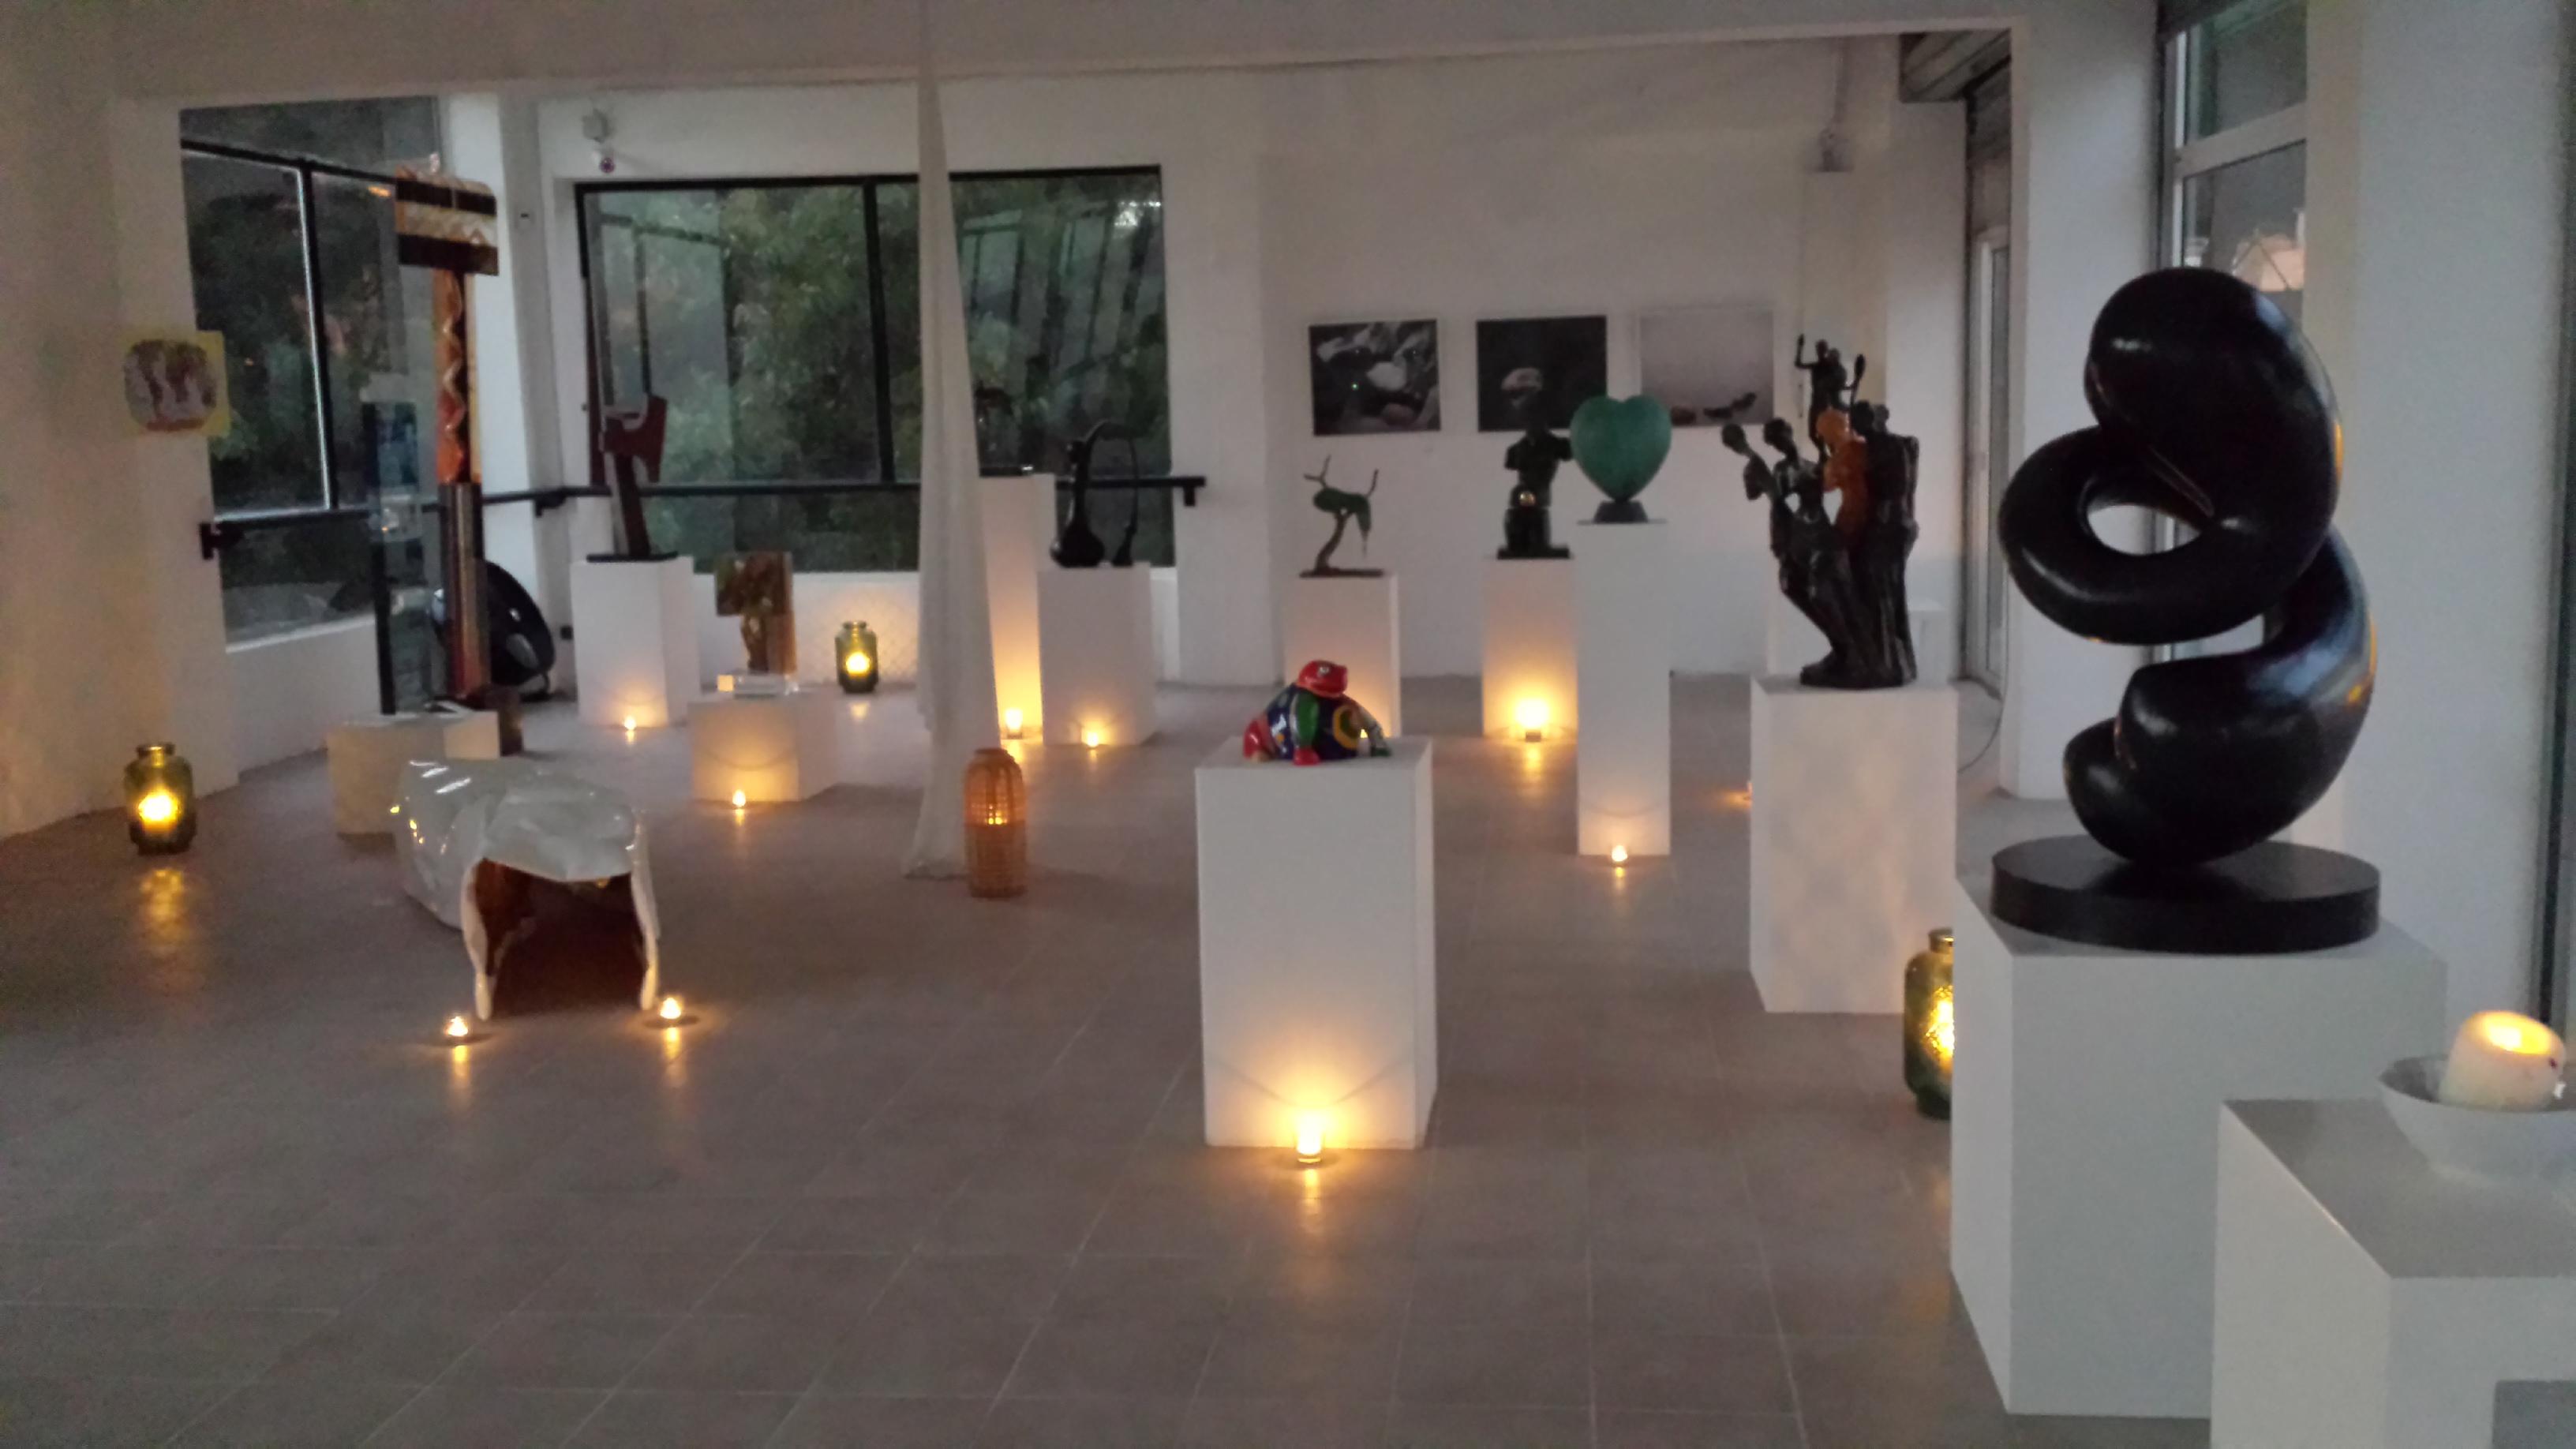 Nocturne pour les Journées Européennes du Patrimoine – 19 et 20 septembre 2015